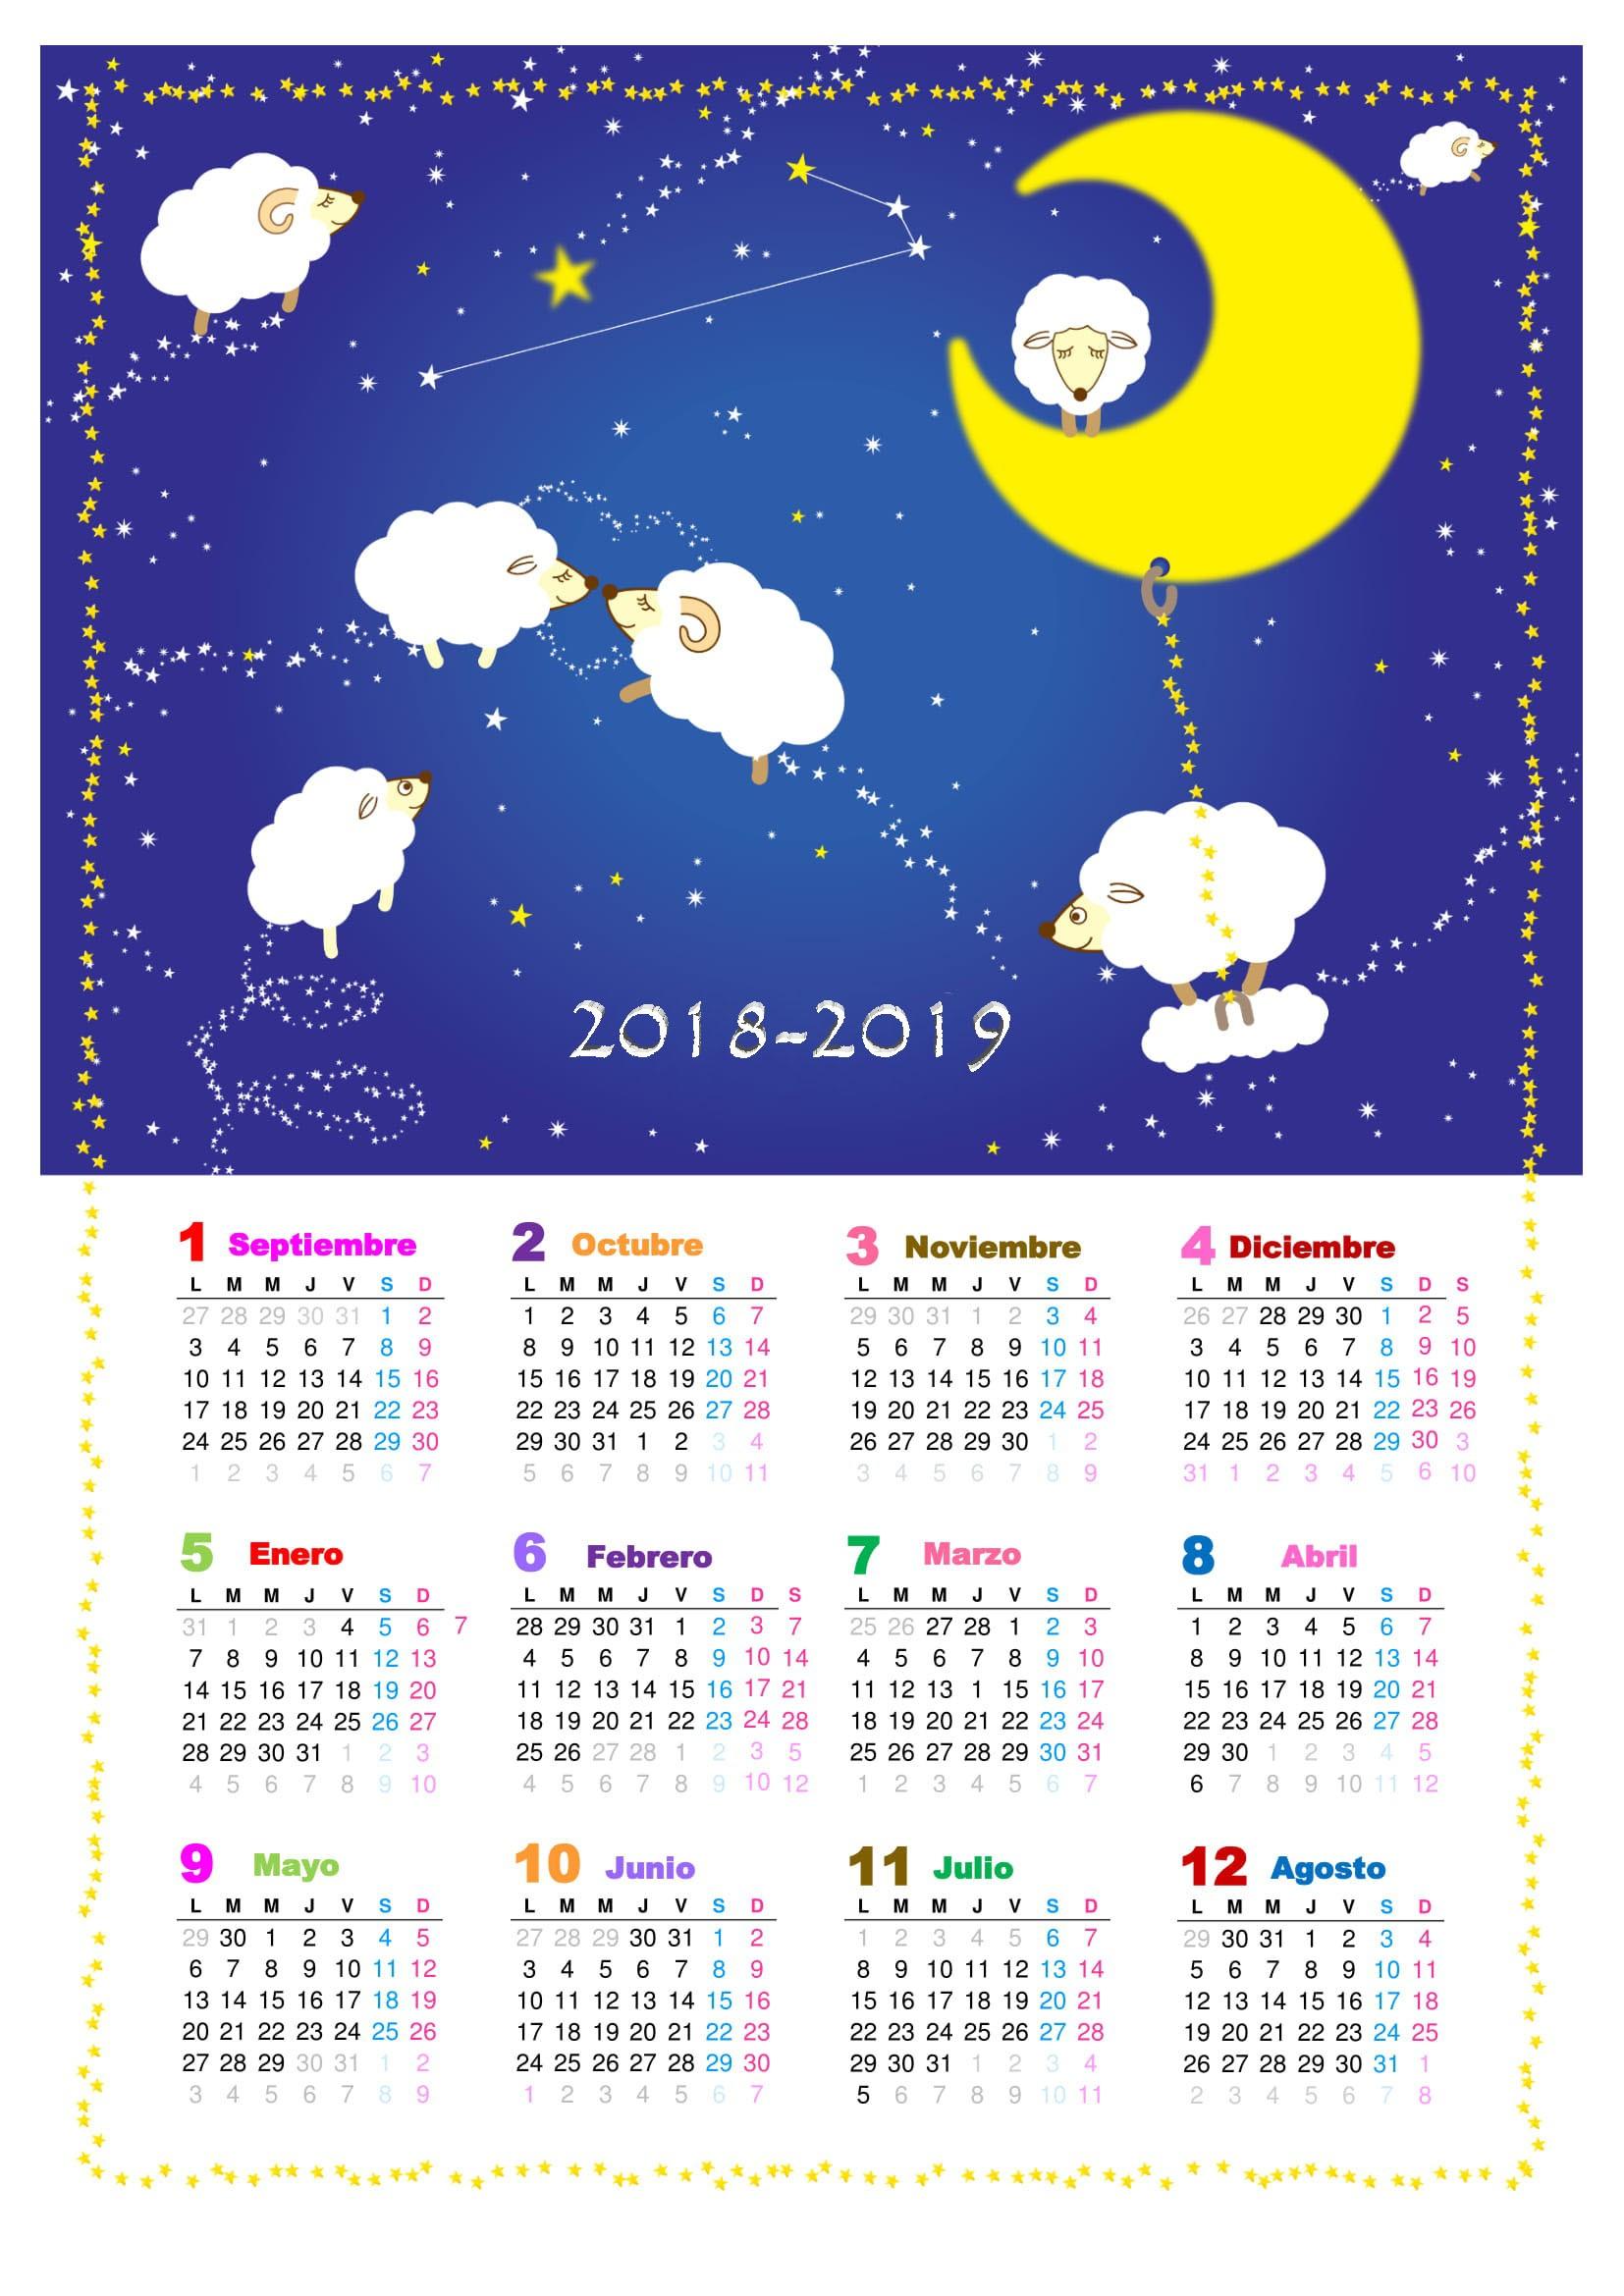 calendario escolar 2018 2019 tuexperto